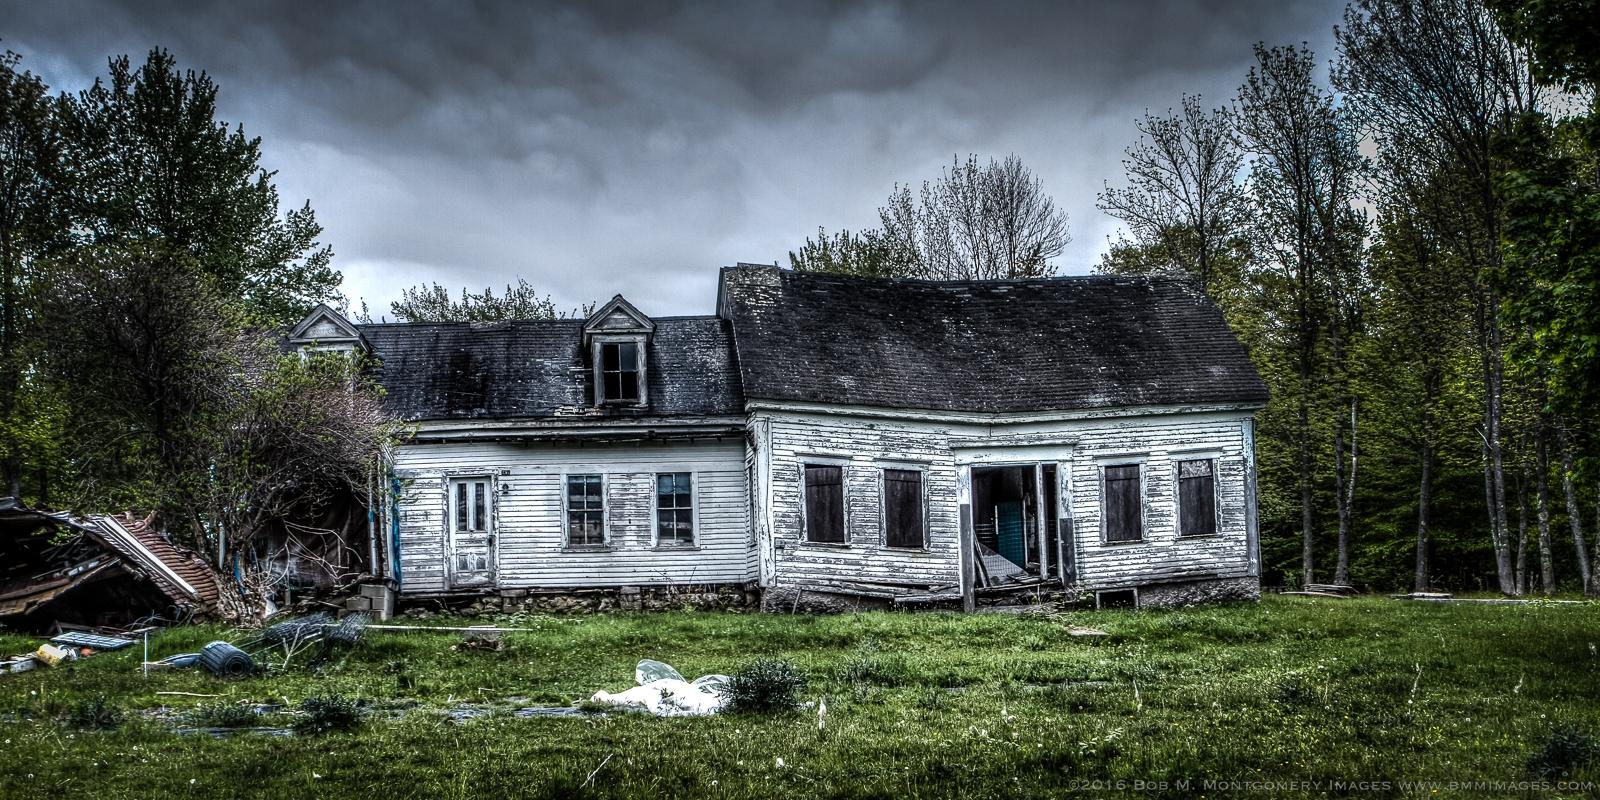 Abandoned yet never forgotten.